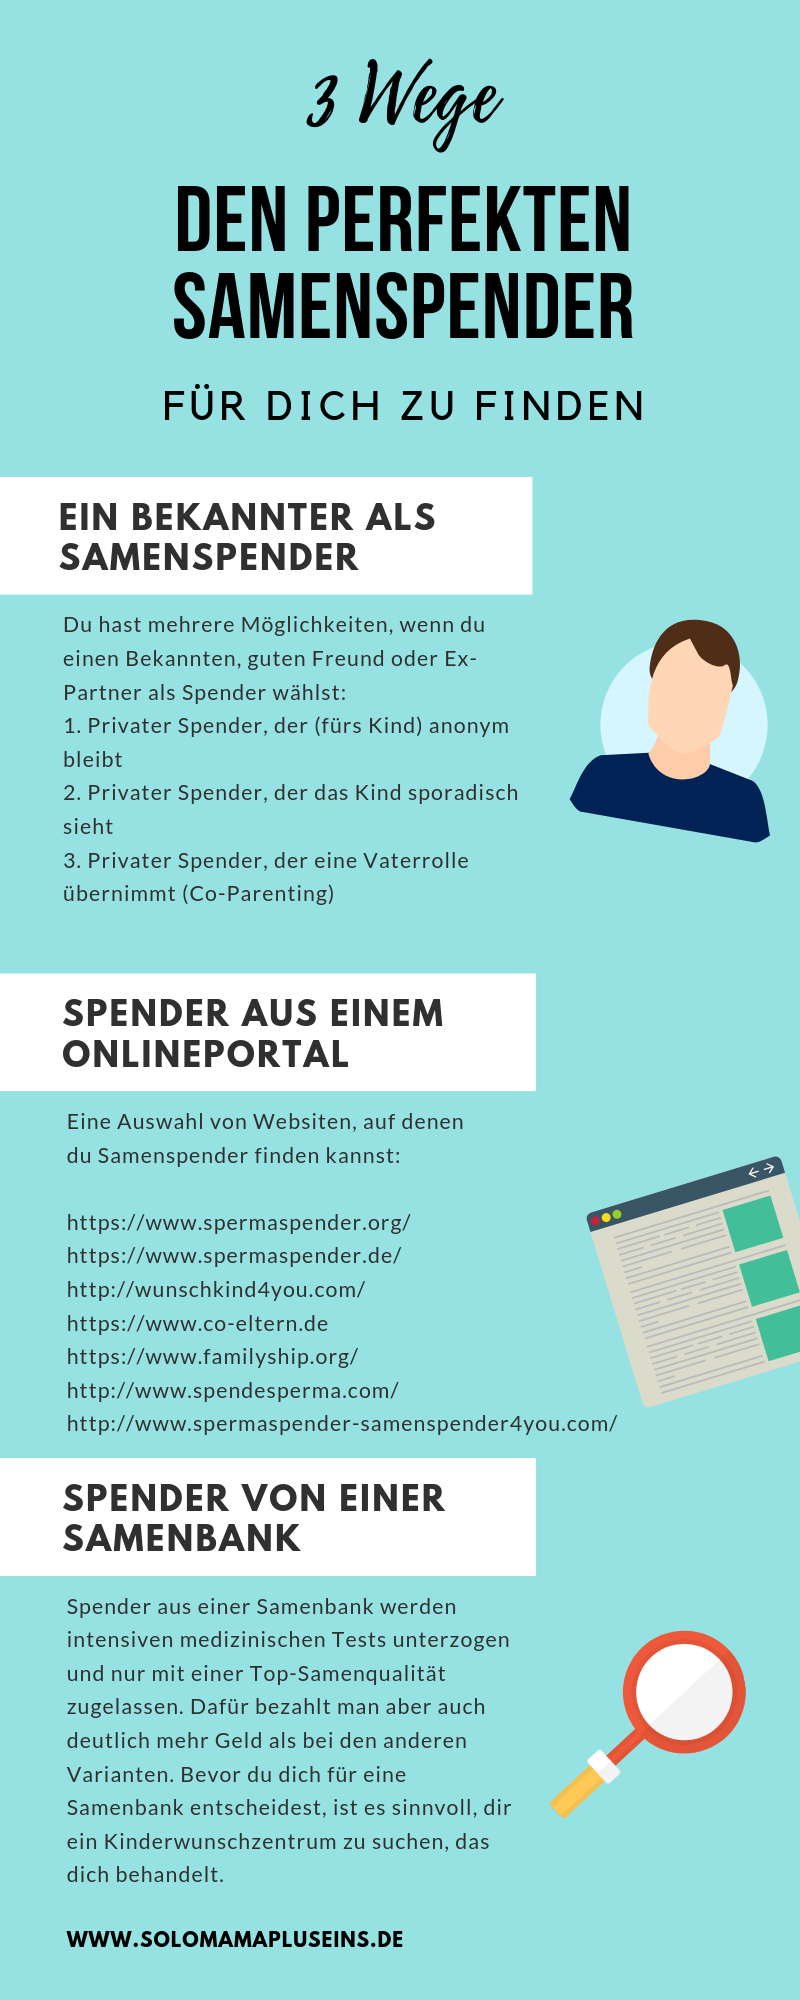 3 Wege den perfekten Samenspender zu finden   www.solomamapluseins.de